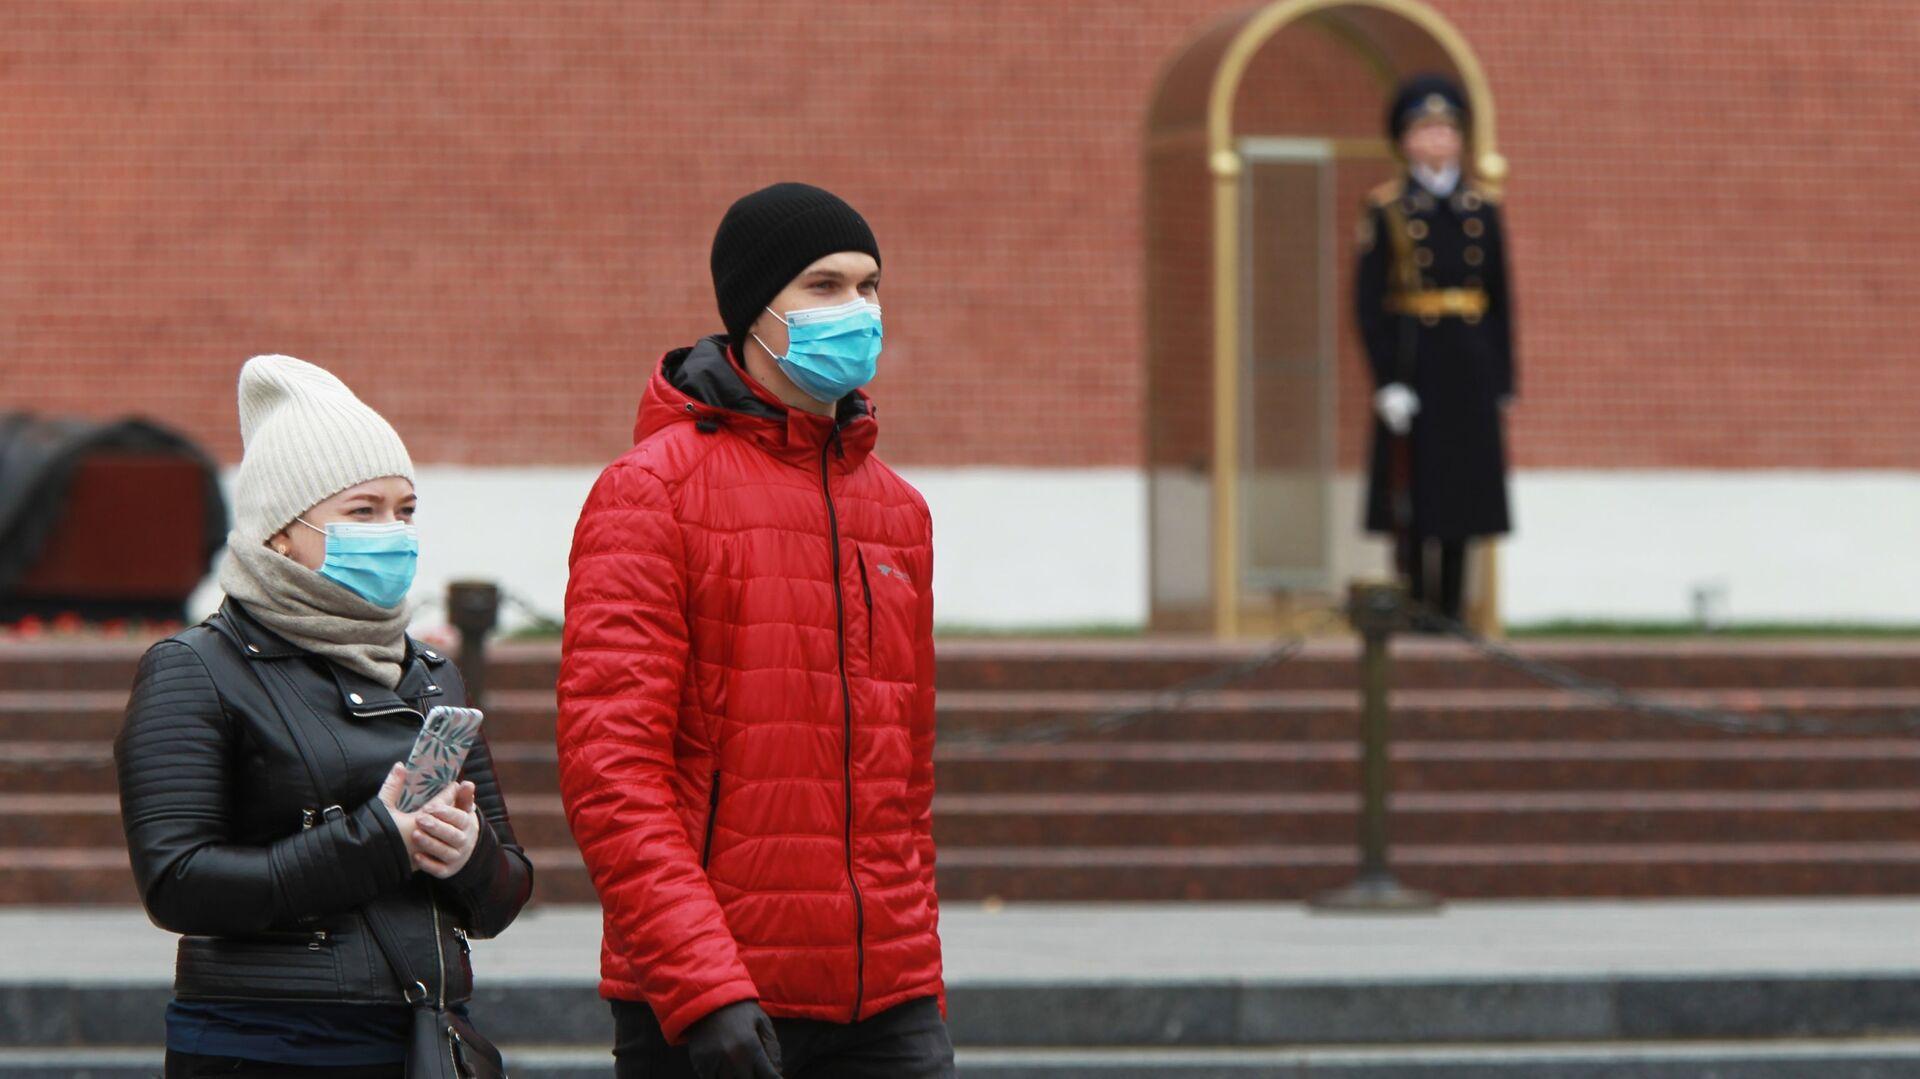 Coronavirus in Russia - persone in maschere protettive nel giardino Alexandrovsky a Mosca - Sputnik Italia, 1920, 16.04.2021